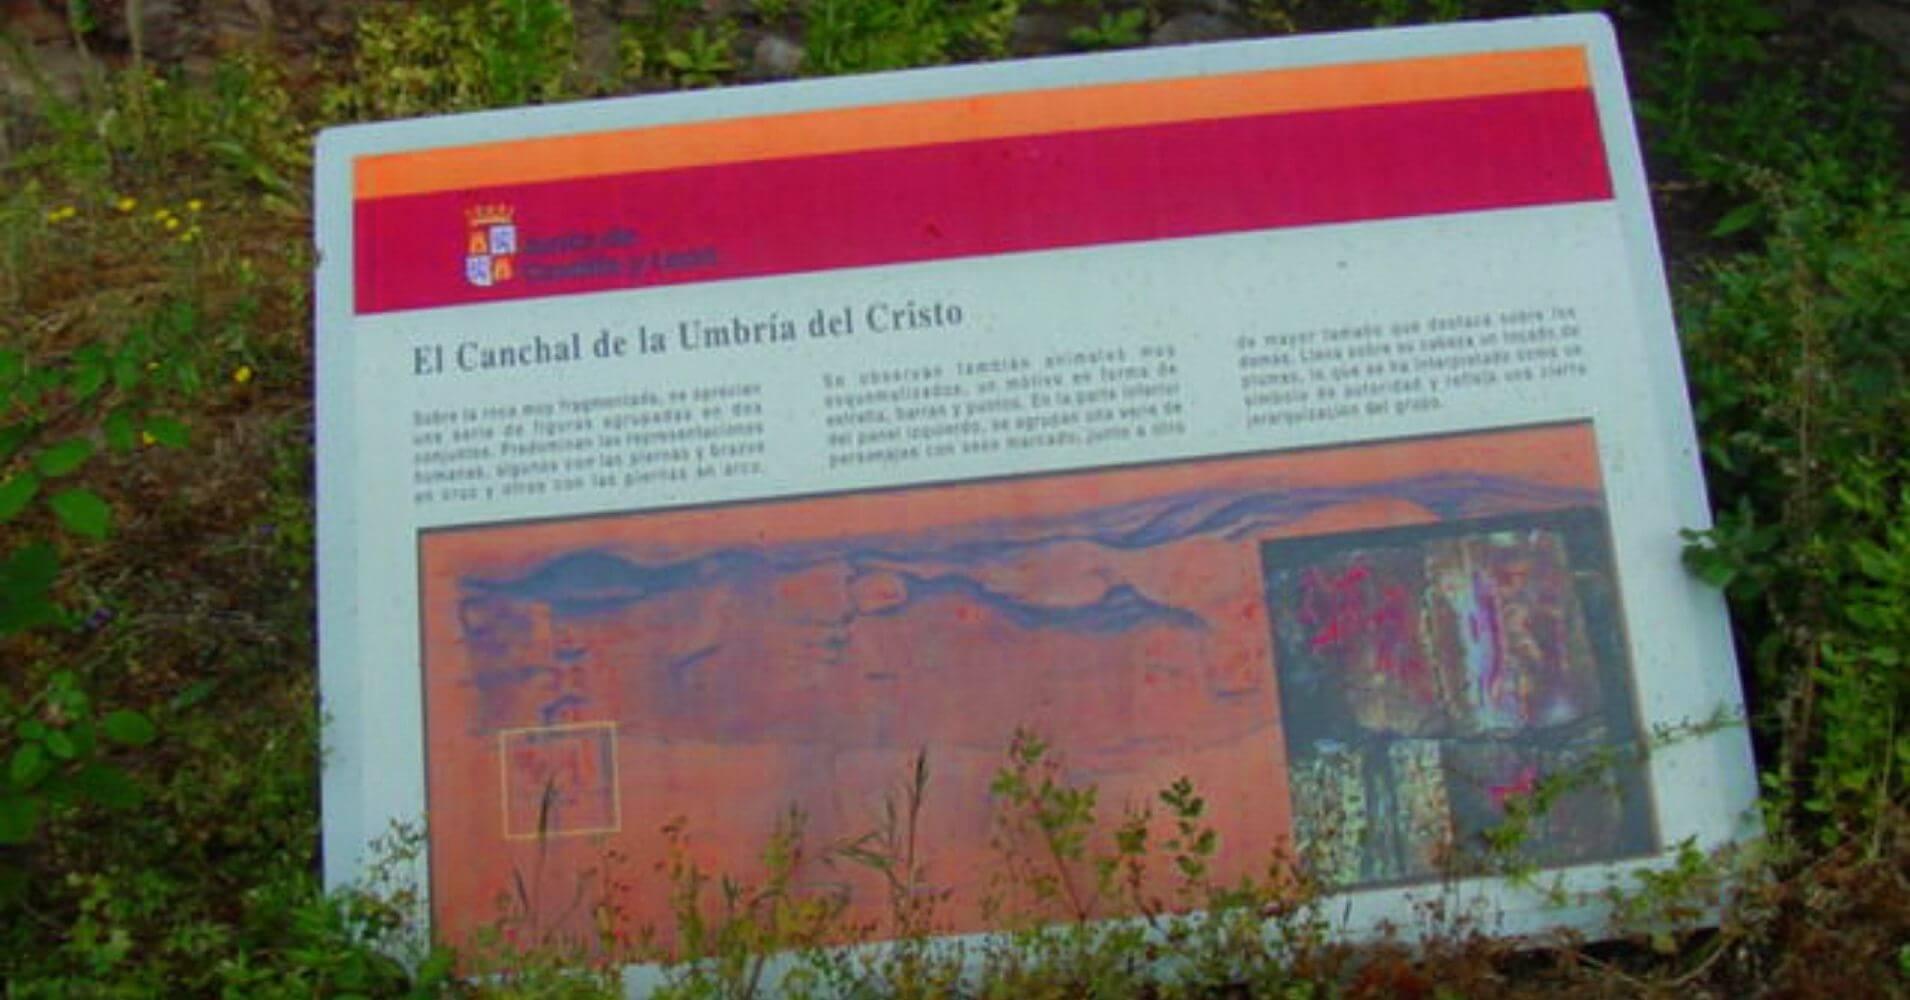 Cartel Canchal de la Umbría del Cristo. Valle de Las Batuecas, Salamanca. Castilla y León.